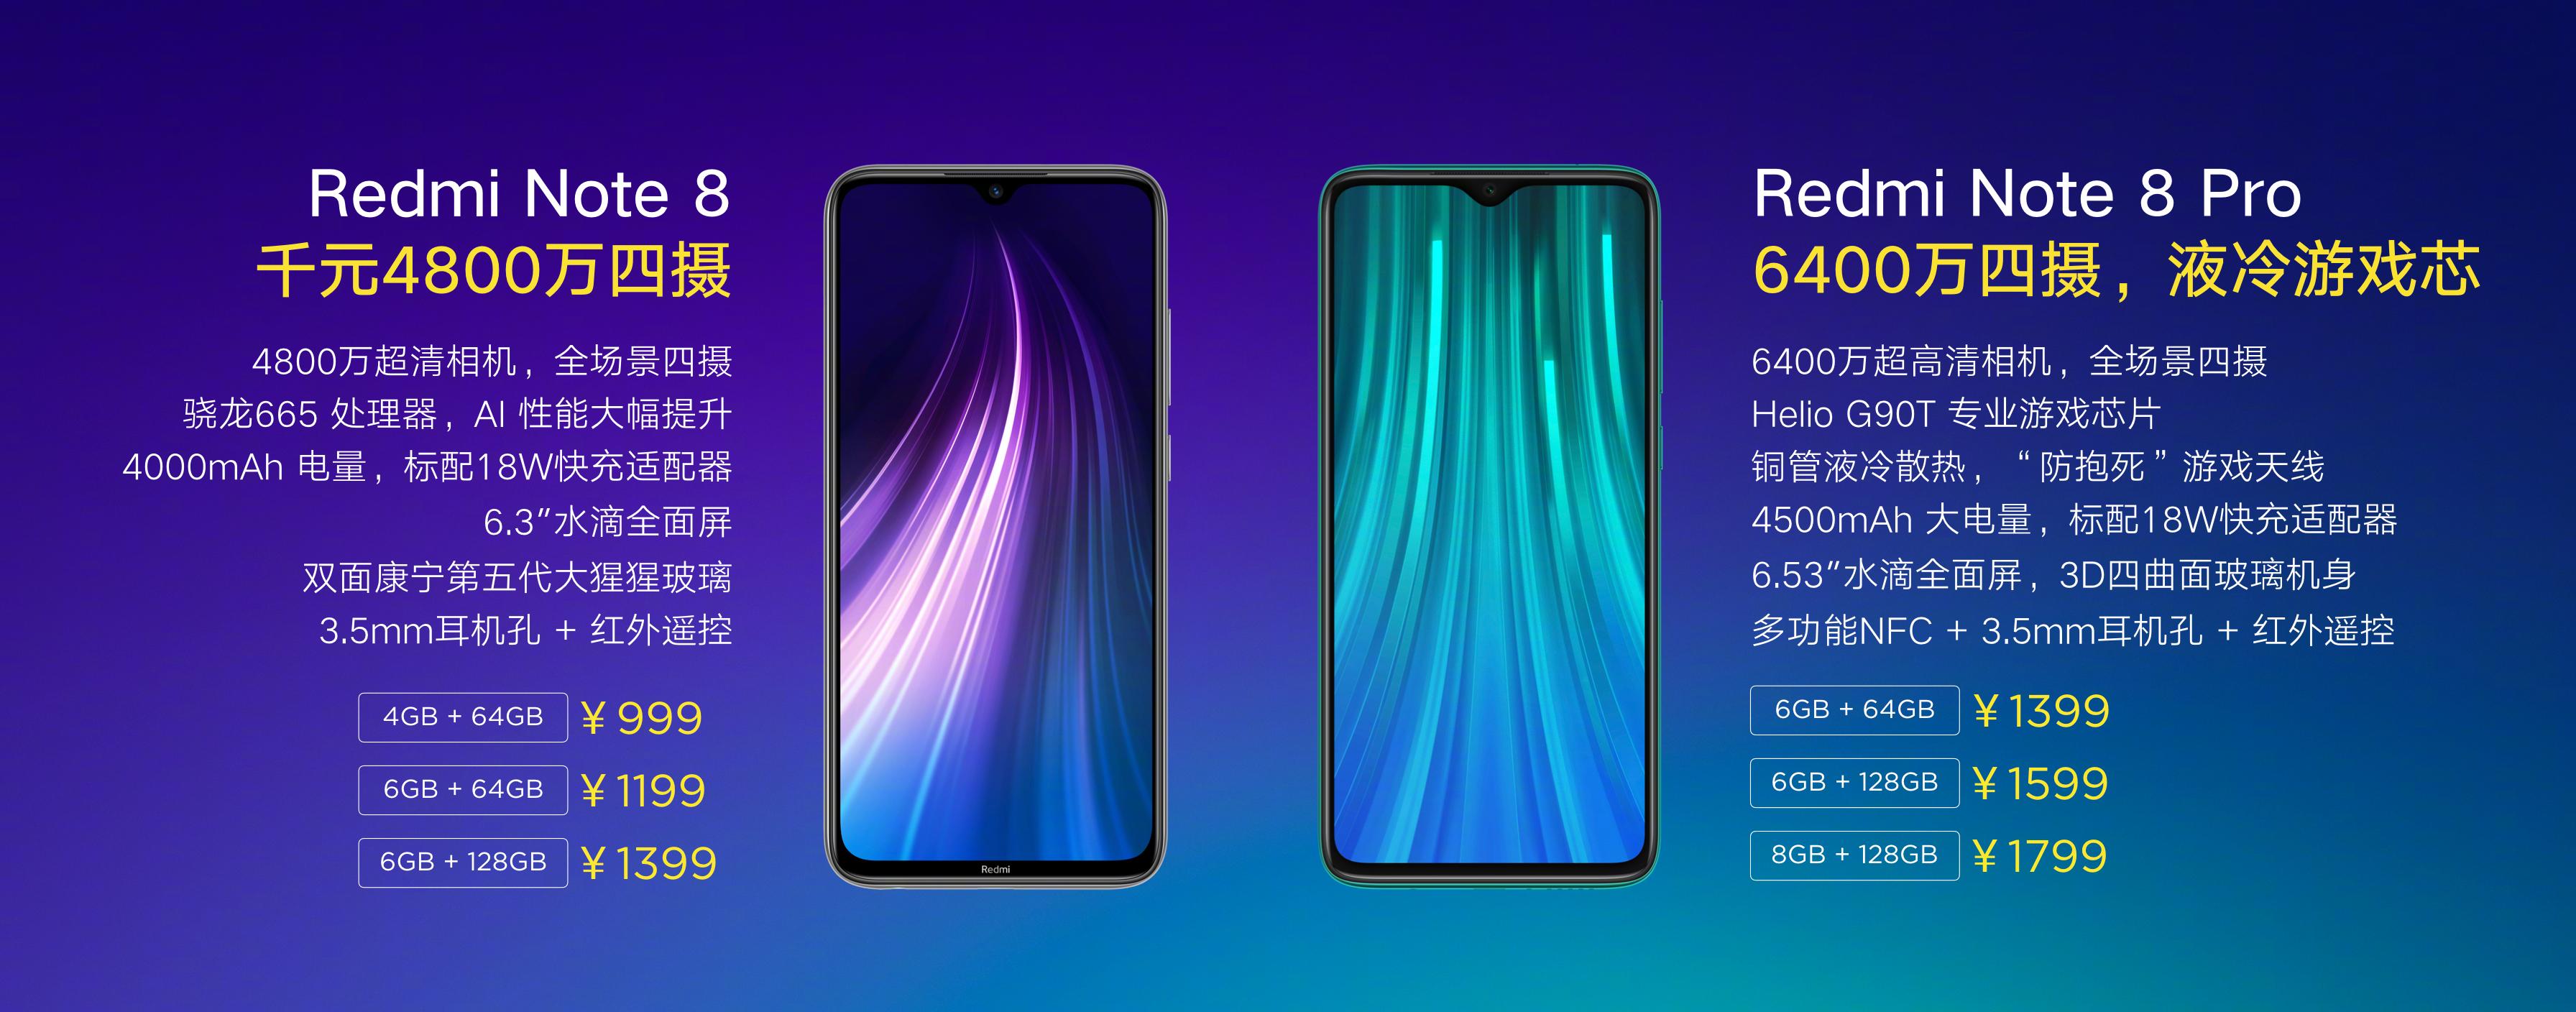 Redmi Note 8 & Redmi Note 8 Pro Price